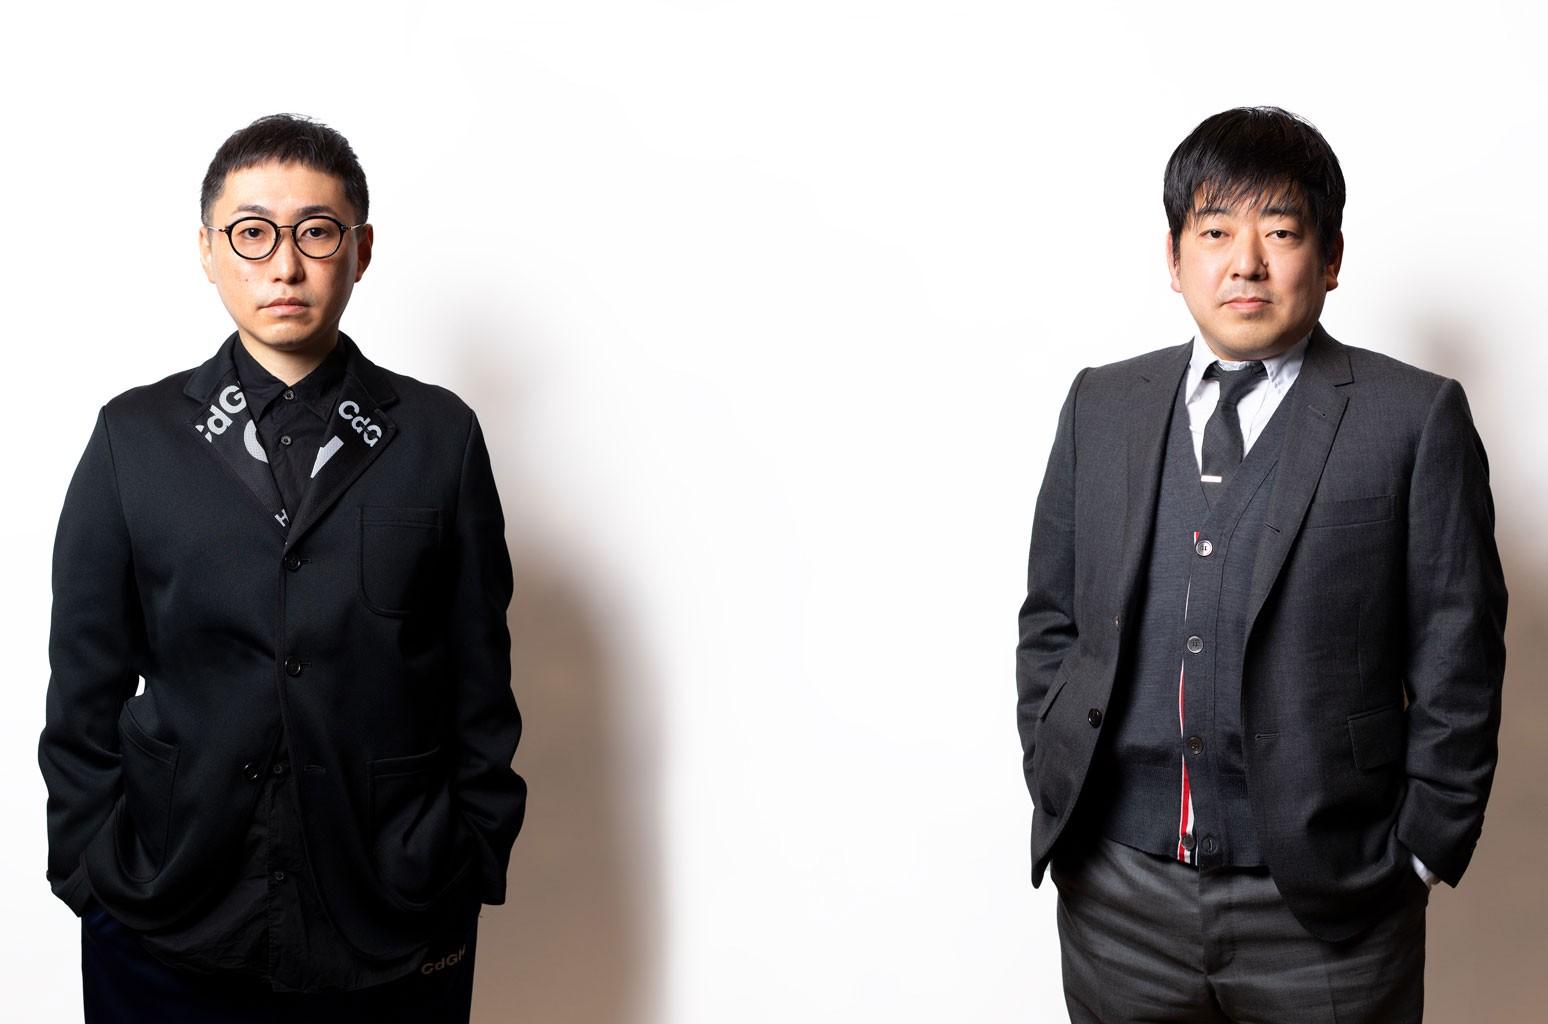 Takehito Masui and Teppei Sakano